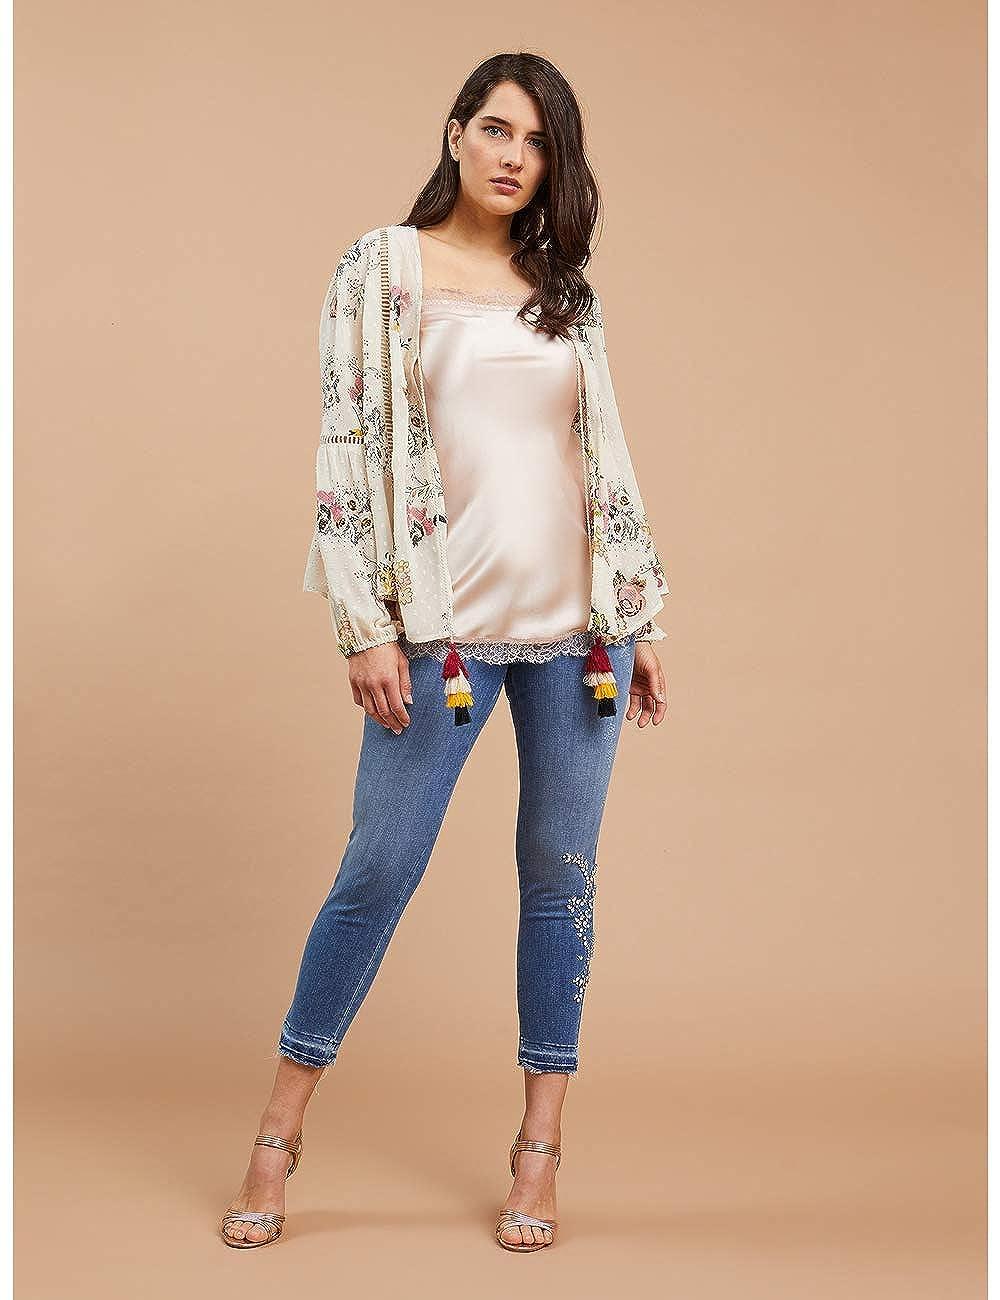 Fiorella Rubino Jeans Skinny con Pietre Italian Plus Size